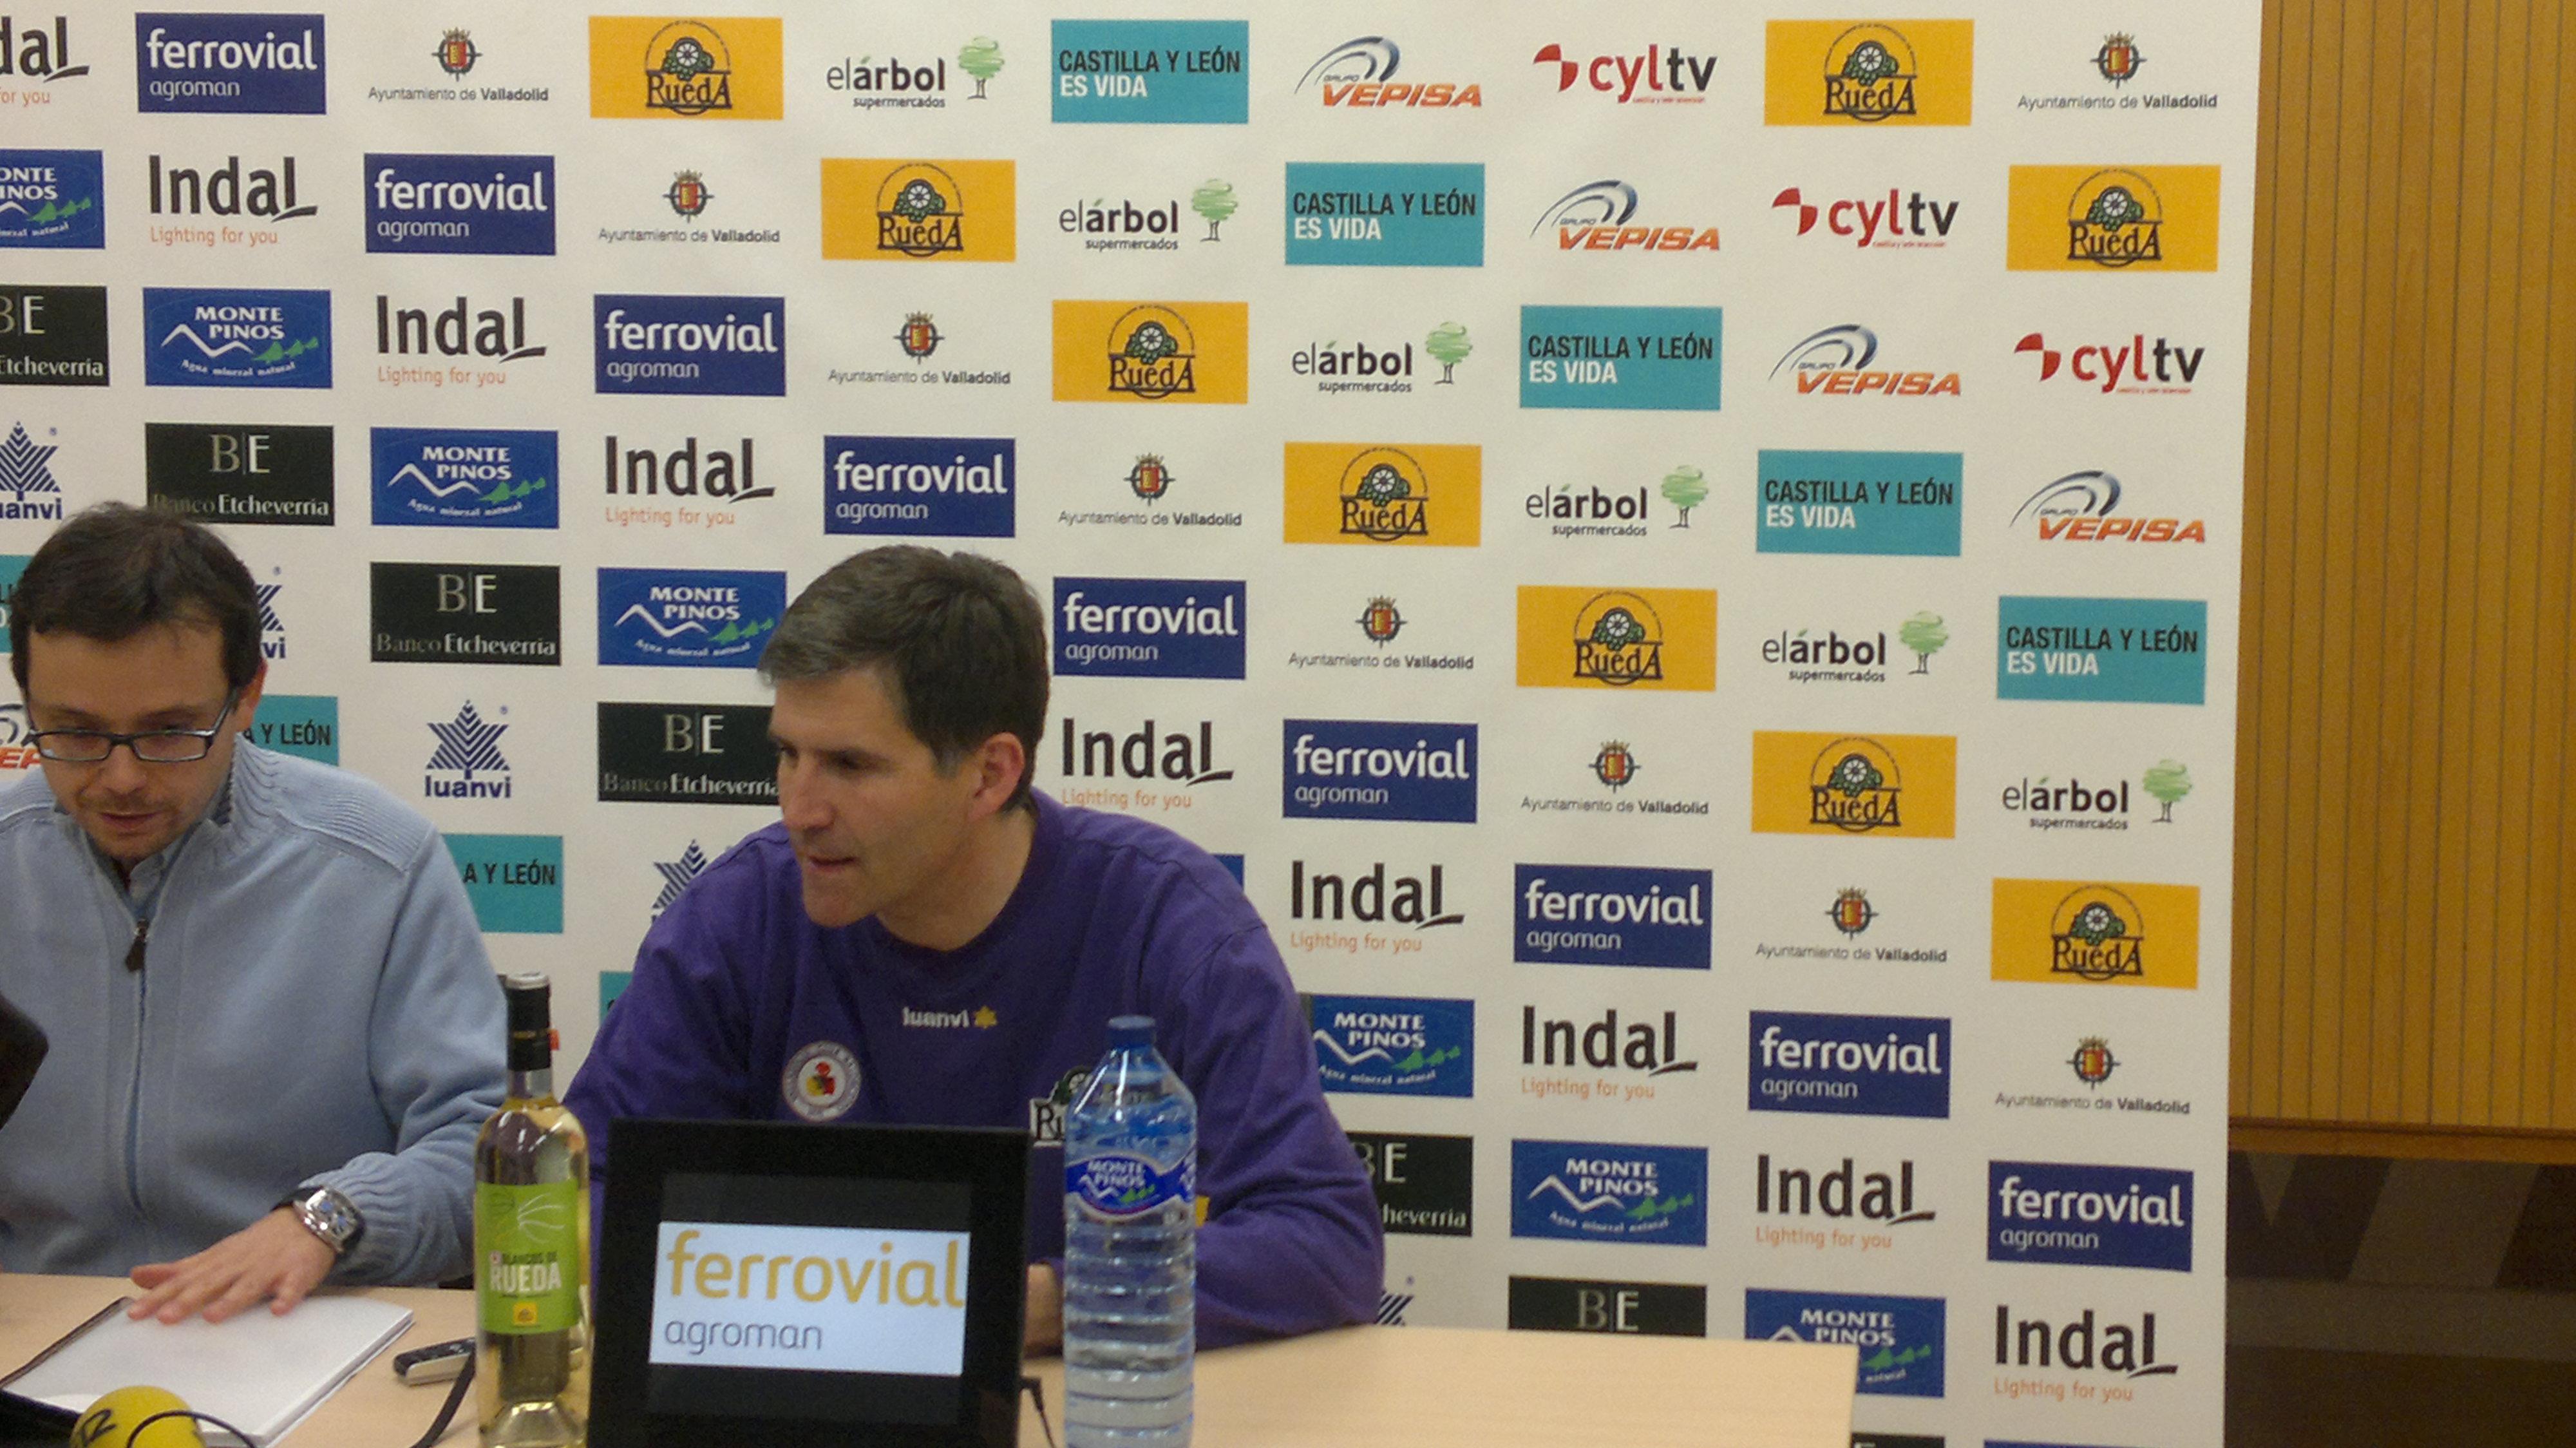 """Roberto González: """"No sé si los milagros existen, pero tendría que ser algo grandioso"""""""